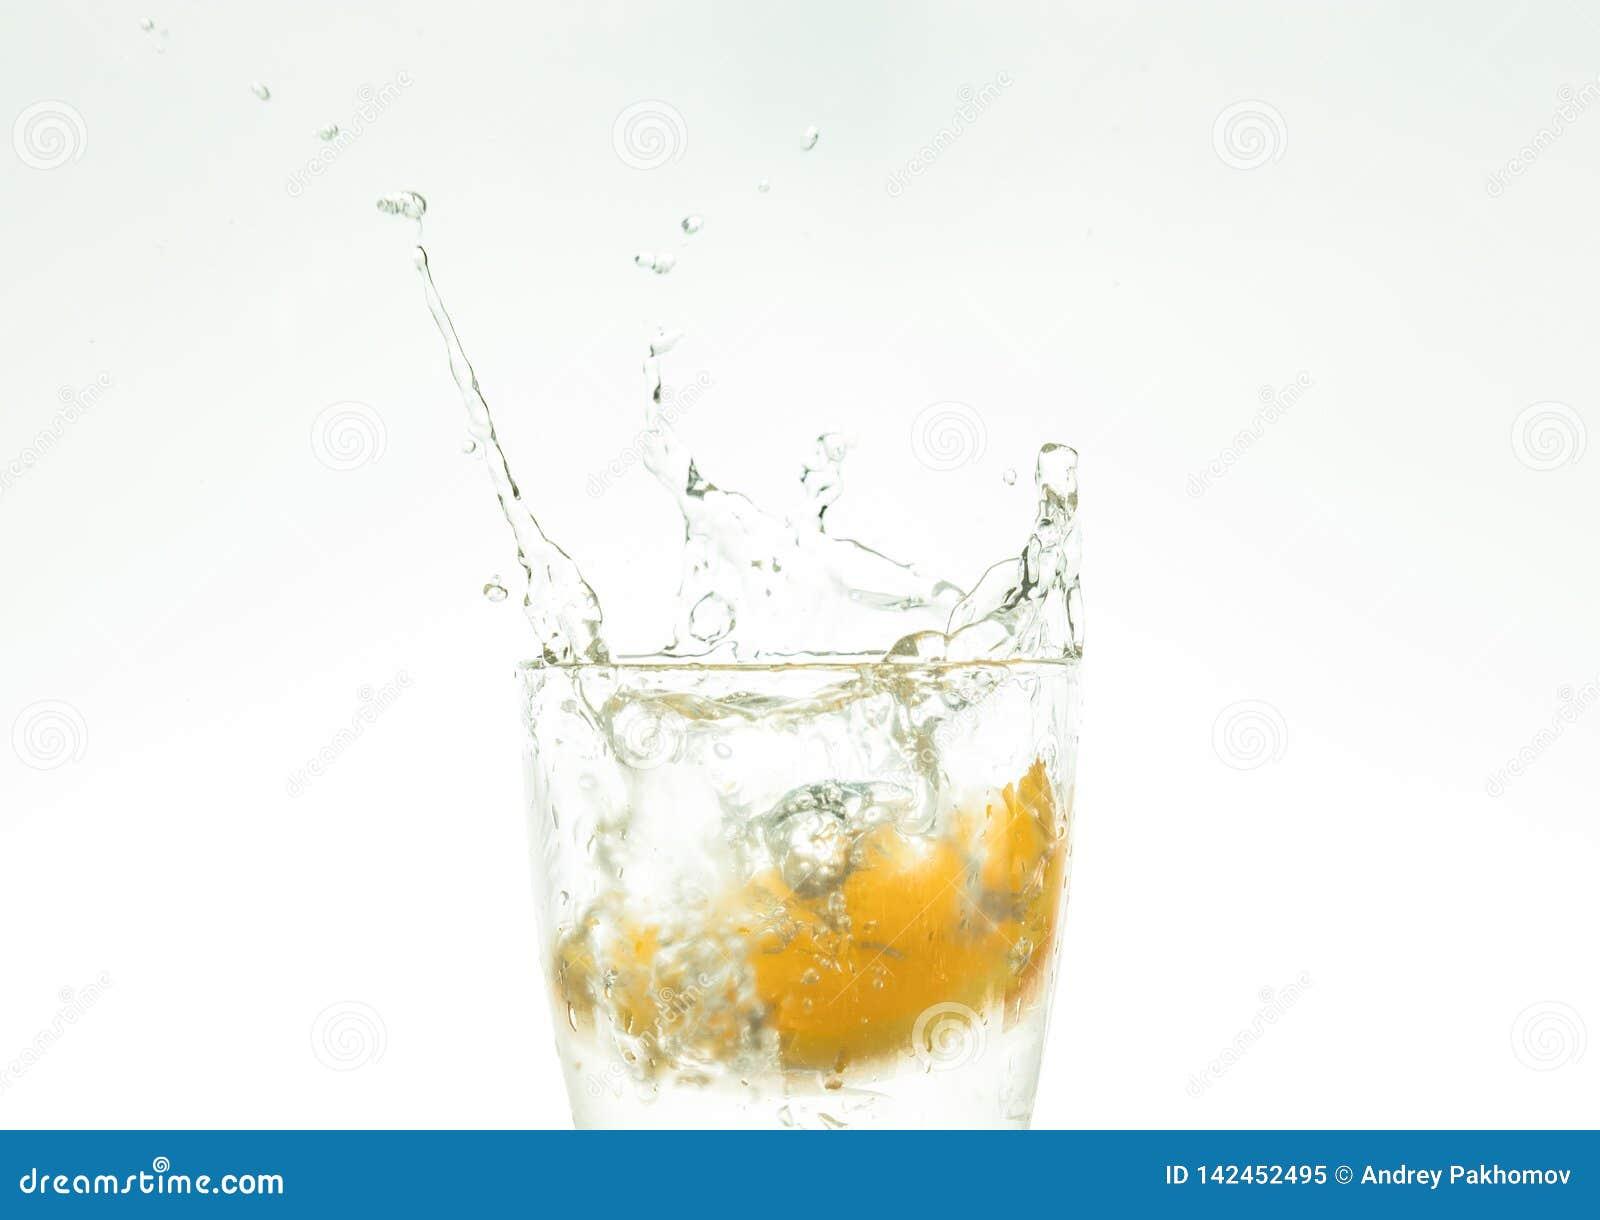 Отрежьте оранжевый кусок в стекле воды и сделайте брызги на белой предпосылке брызги воды в воздухе кусок падений цитруса